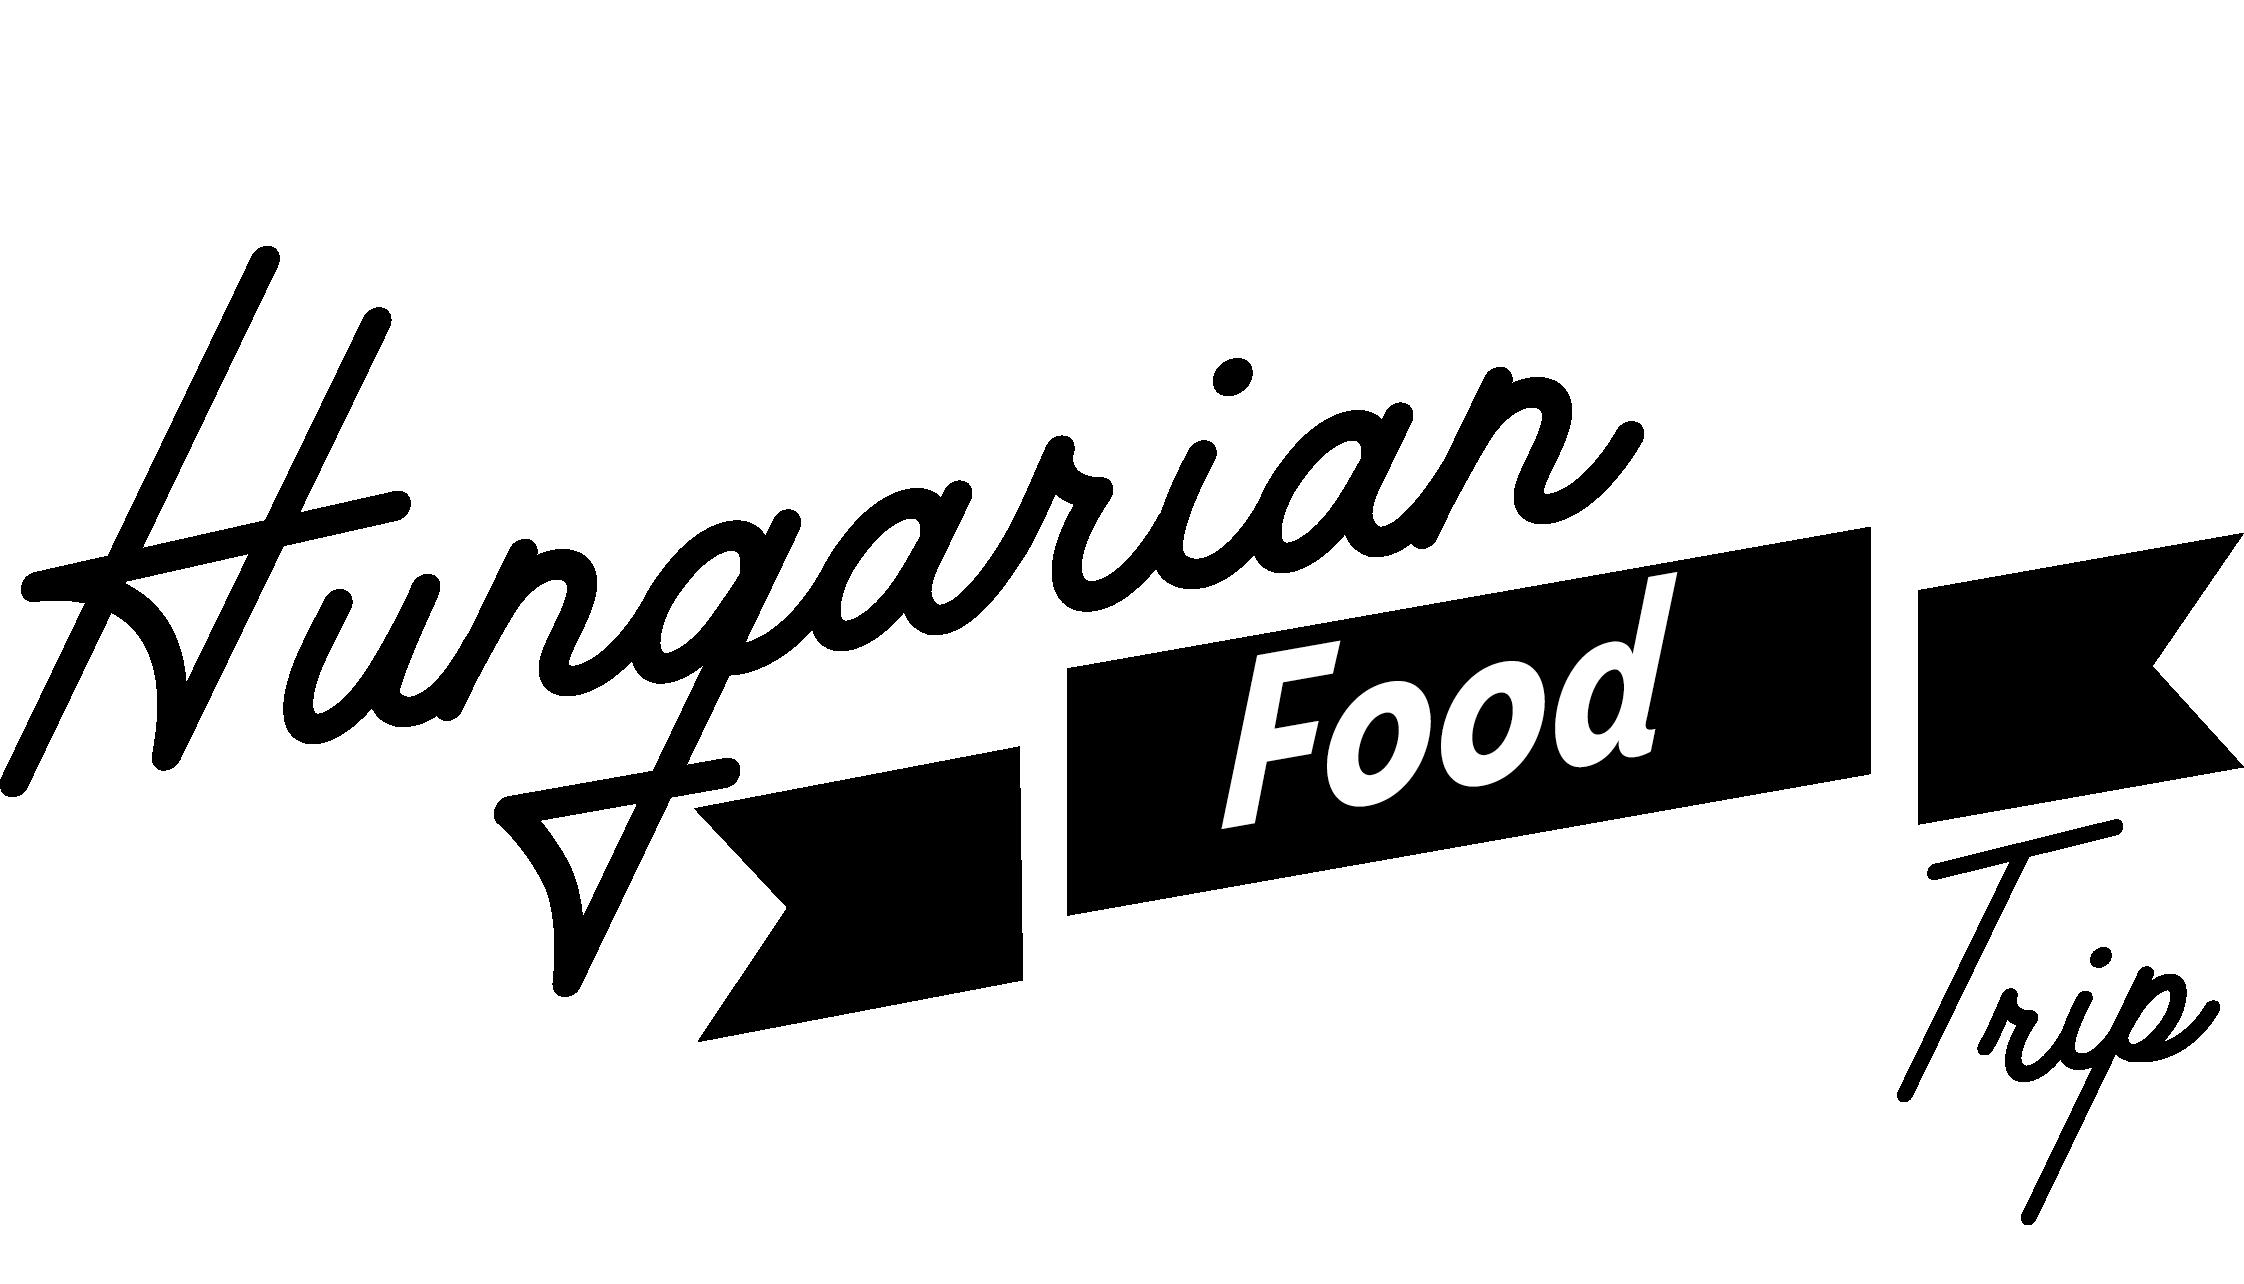 Hungarian Food Trip